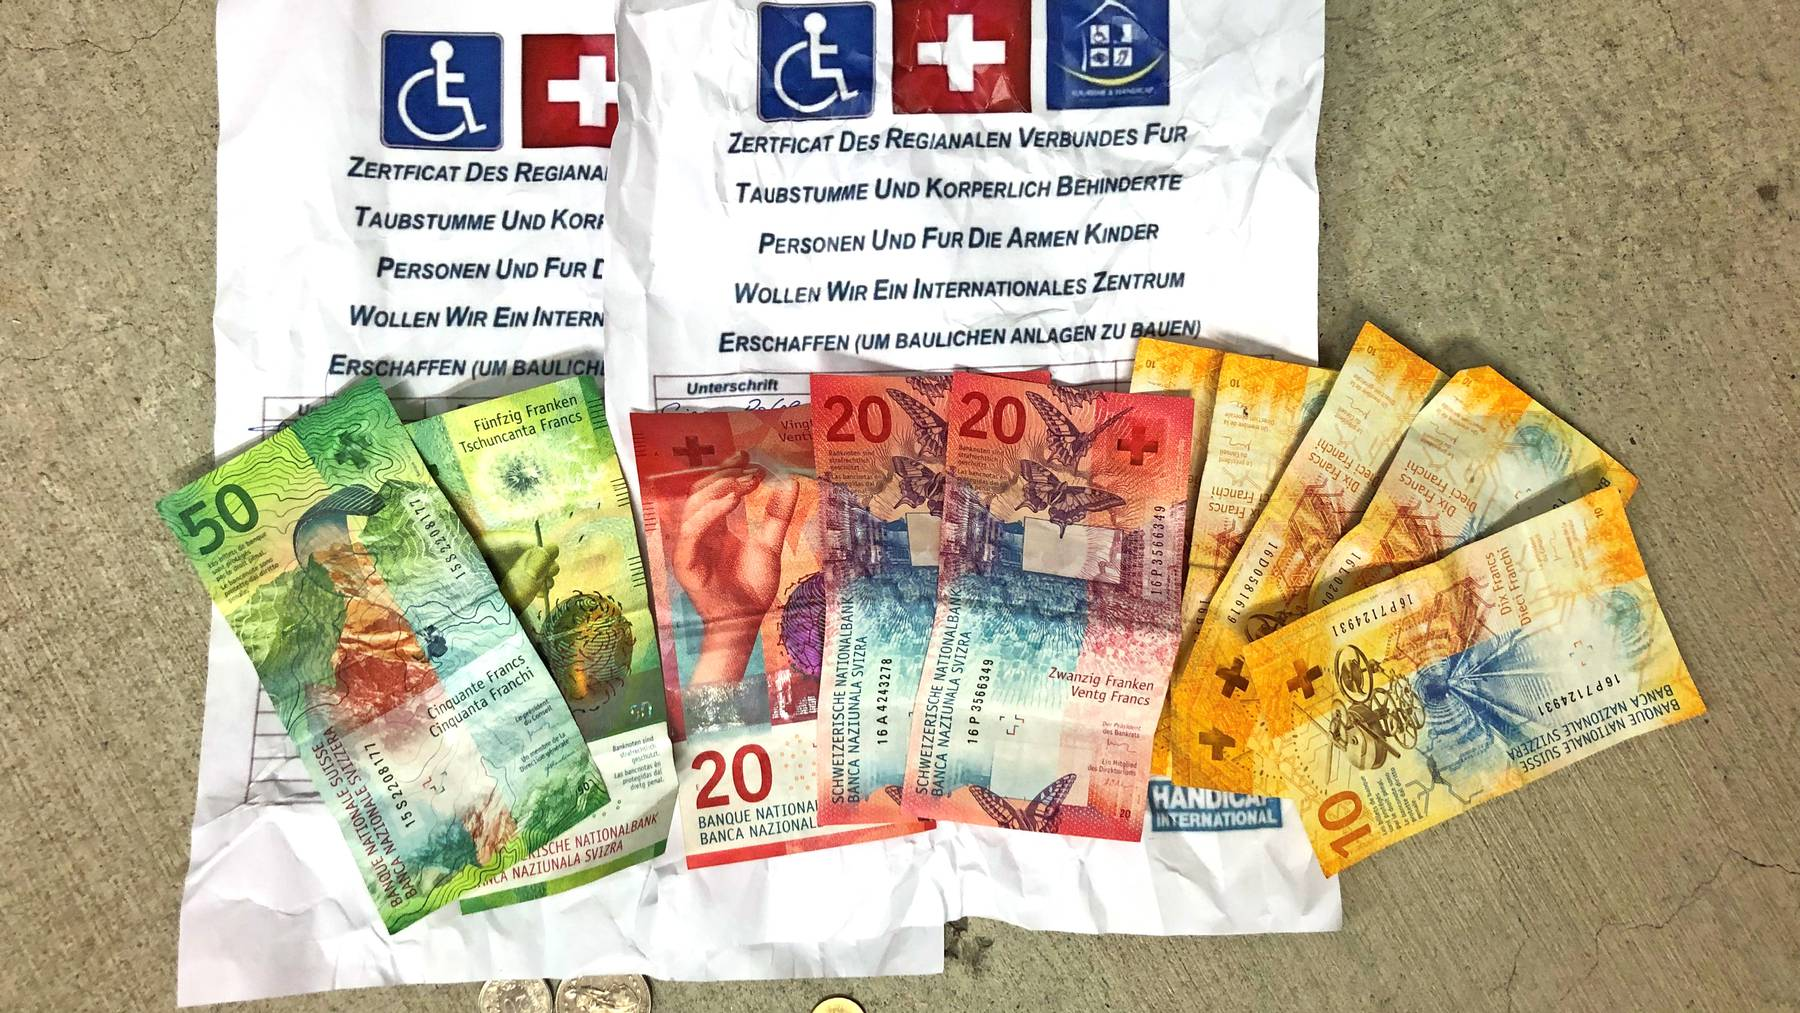 Die beiden Rumänen hatten Spendenformulare und erbetteltes Bargeld im Auto versteckt.